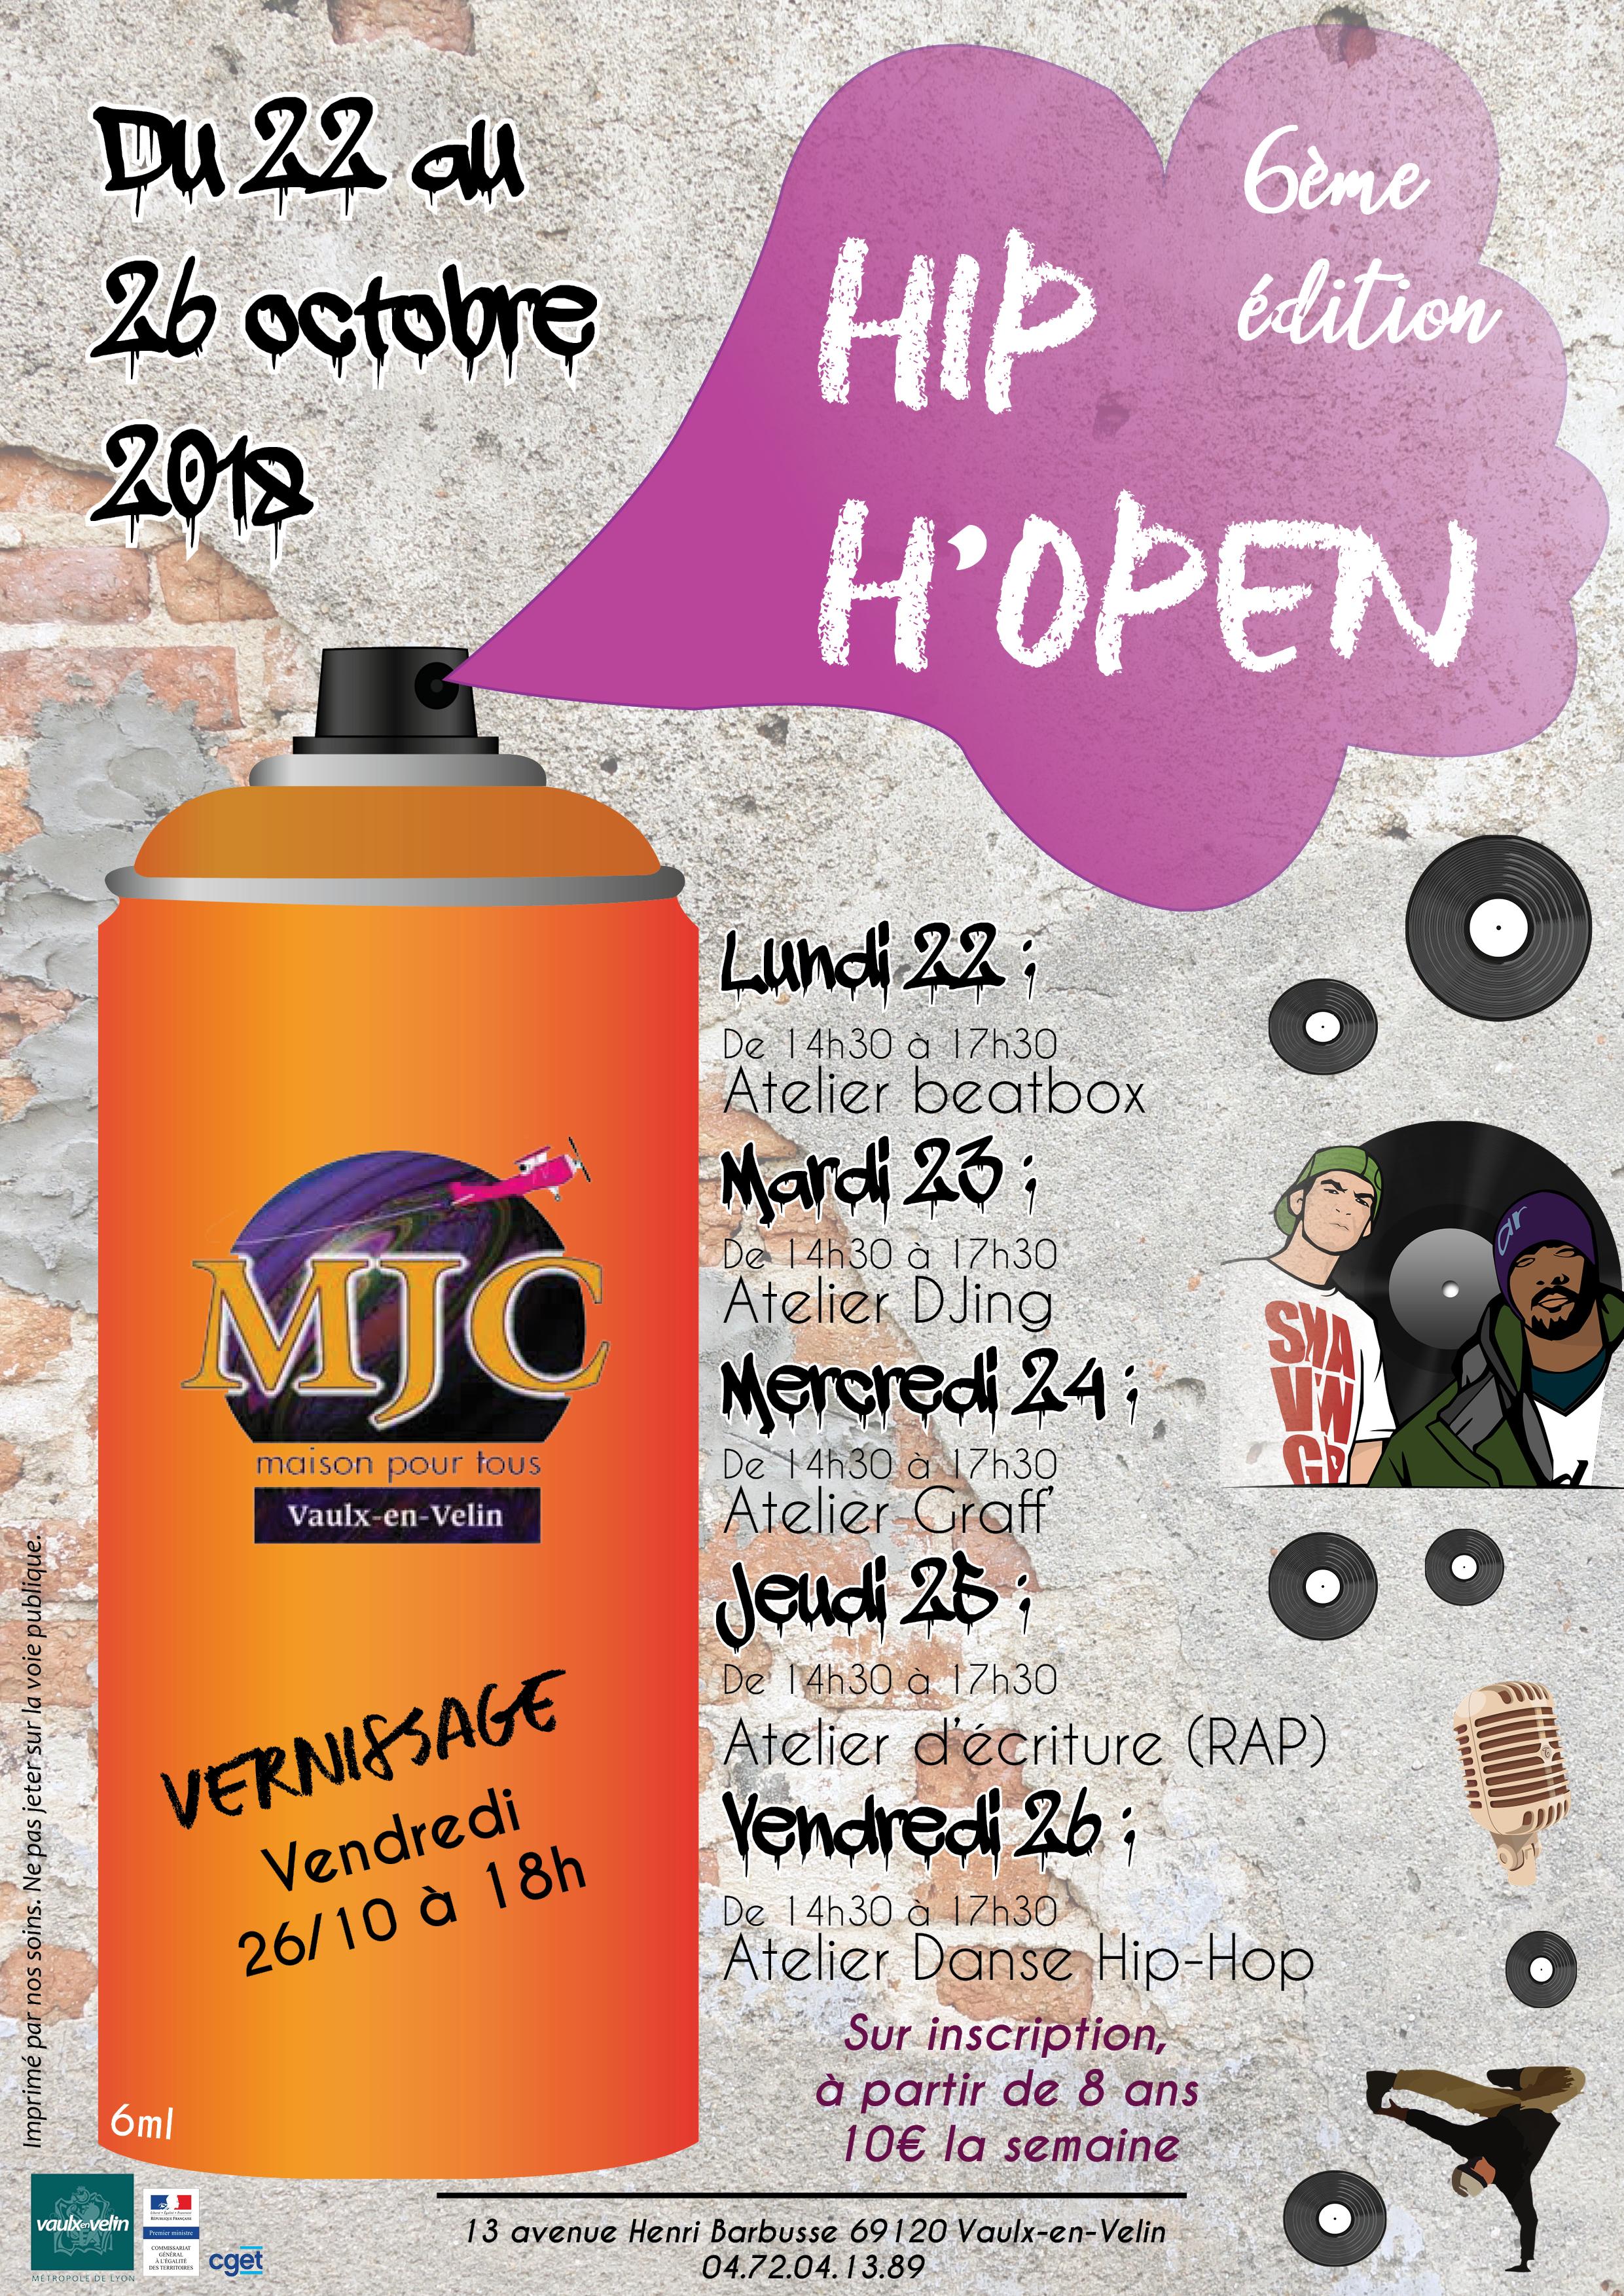 1e282efbf1c5 6ème Edition du festival Hip H'Open à la MJC - MJC Vaulx-en-Velin